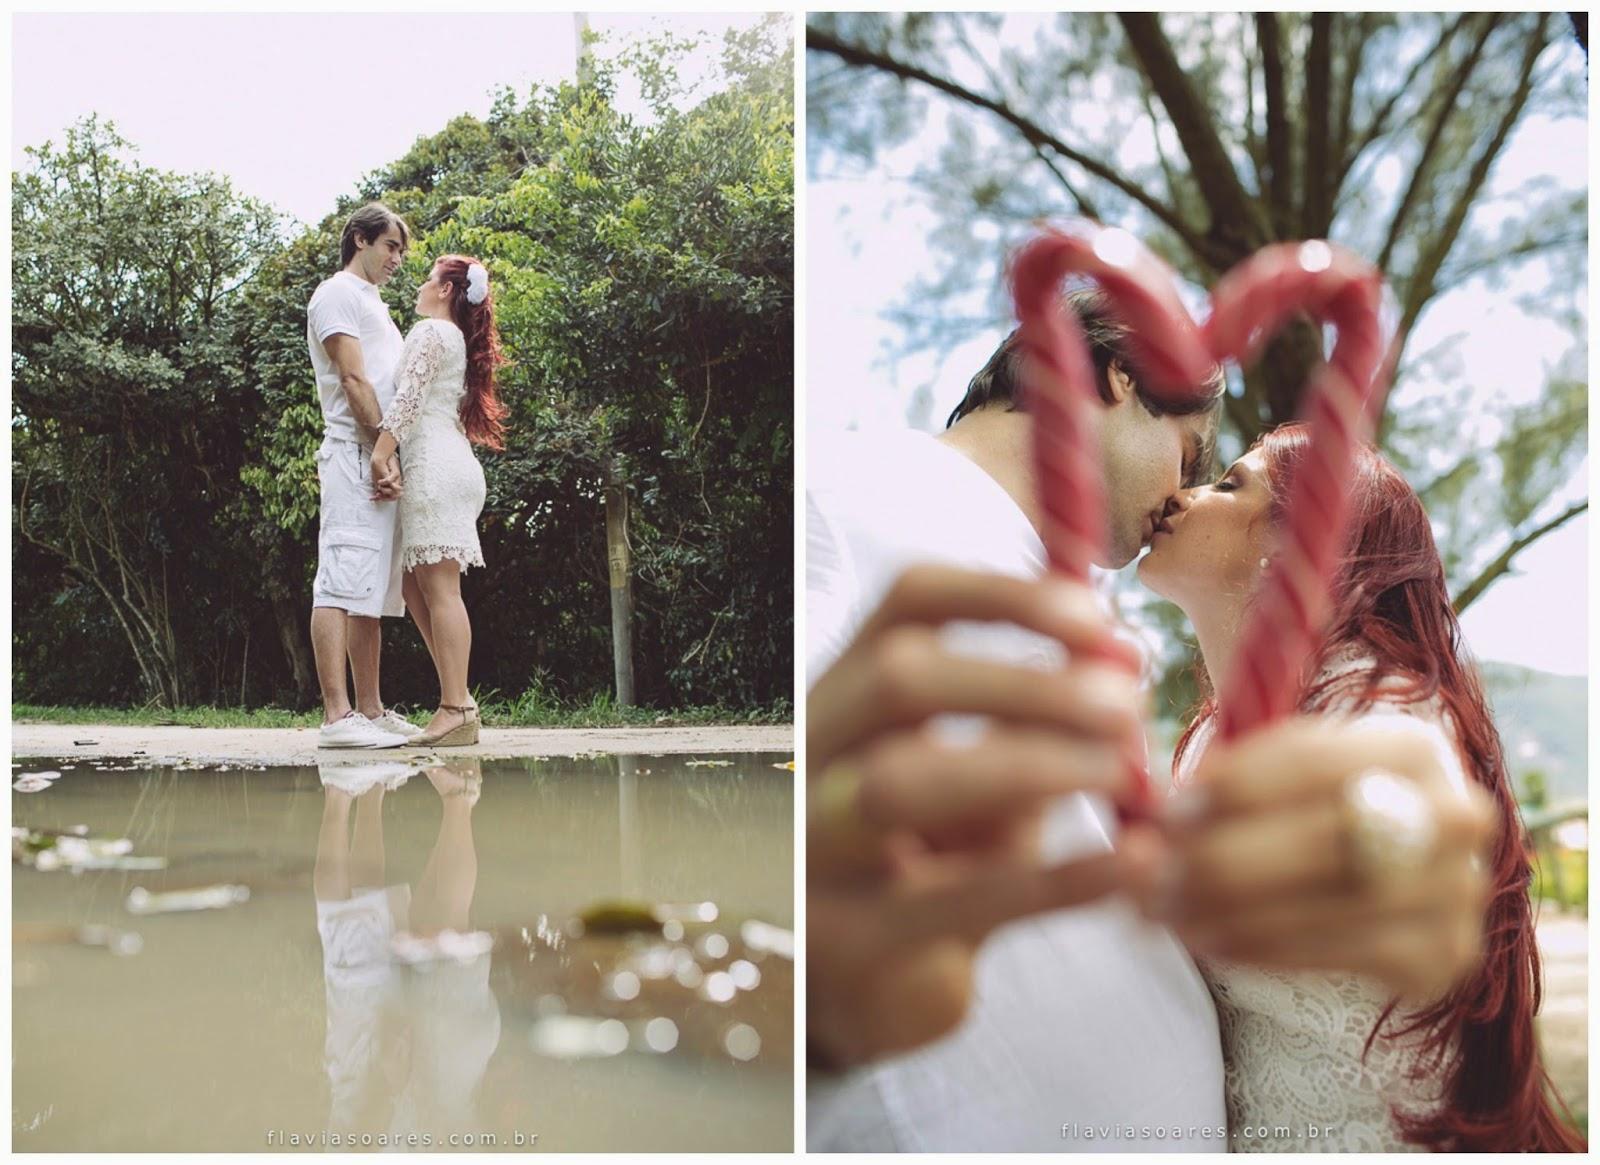 esession-romantica-noivos-coracao-pirulitos